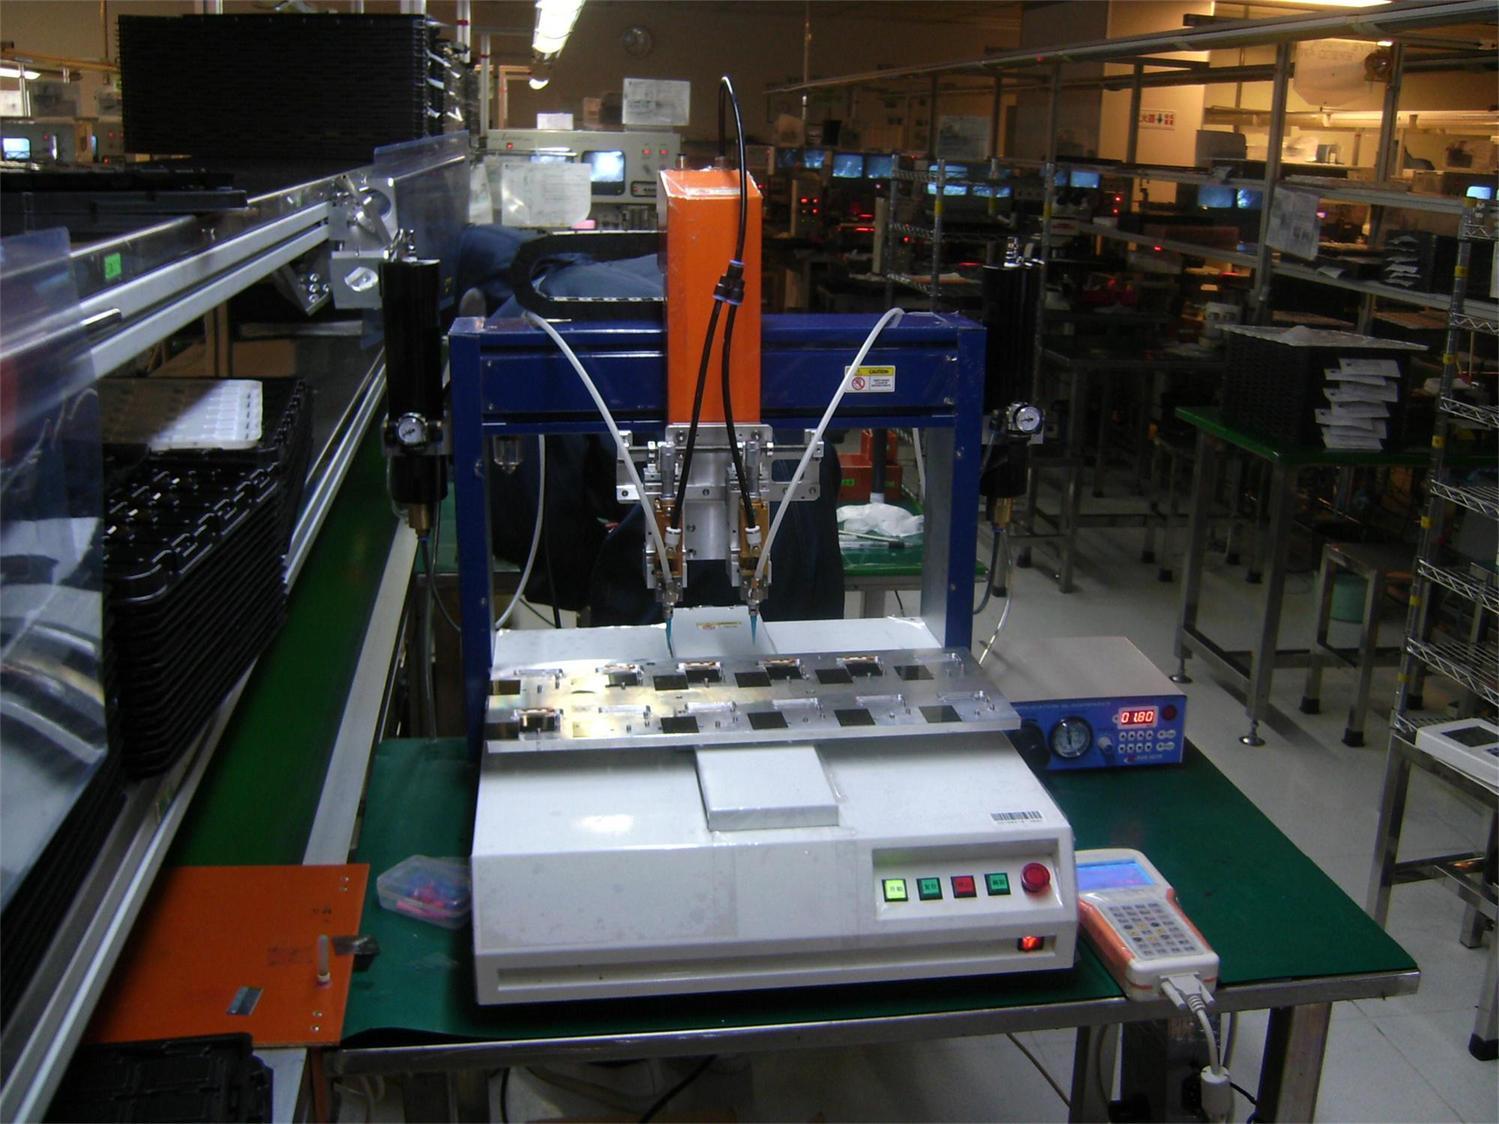 工业机器人,三轴平台,自动点胶机,自动测试机,自动装配机等.